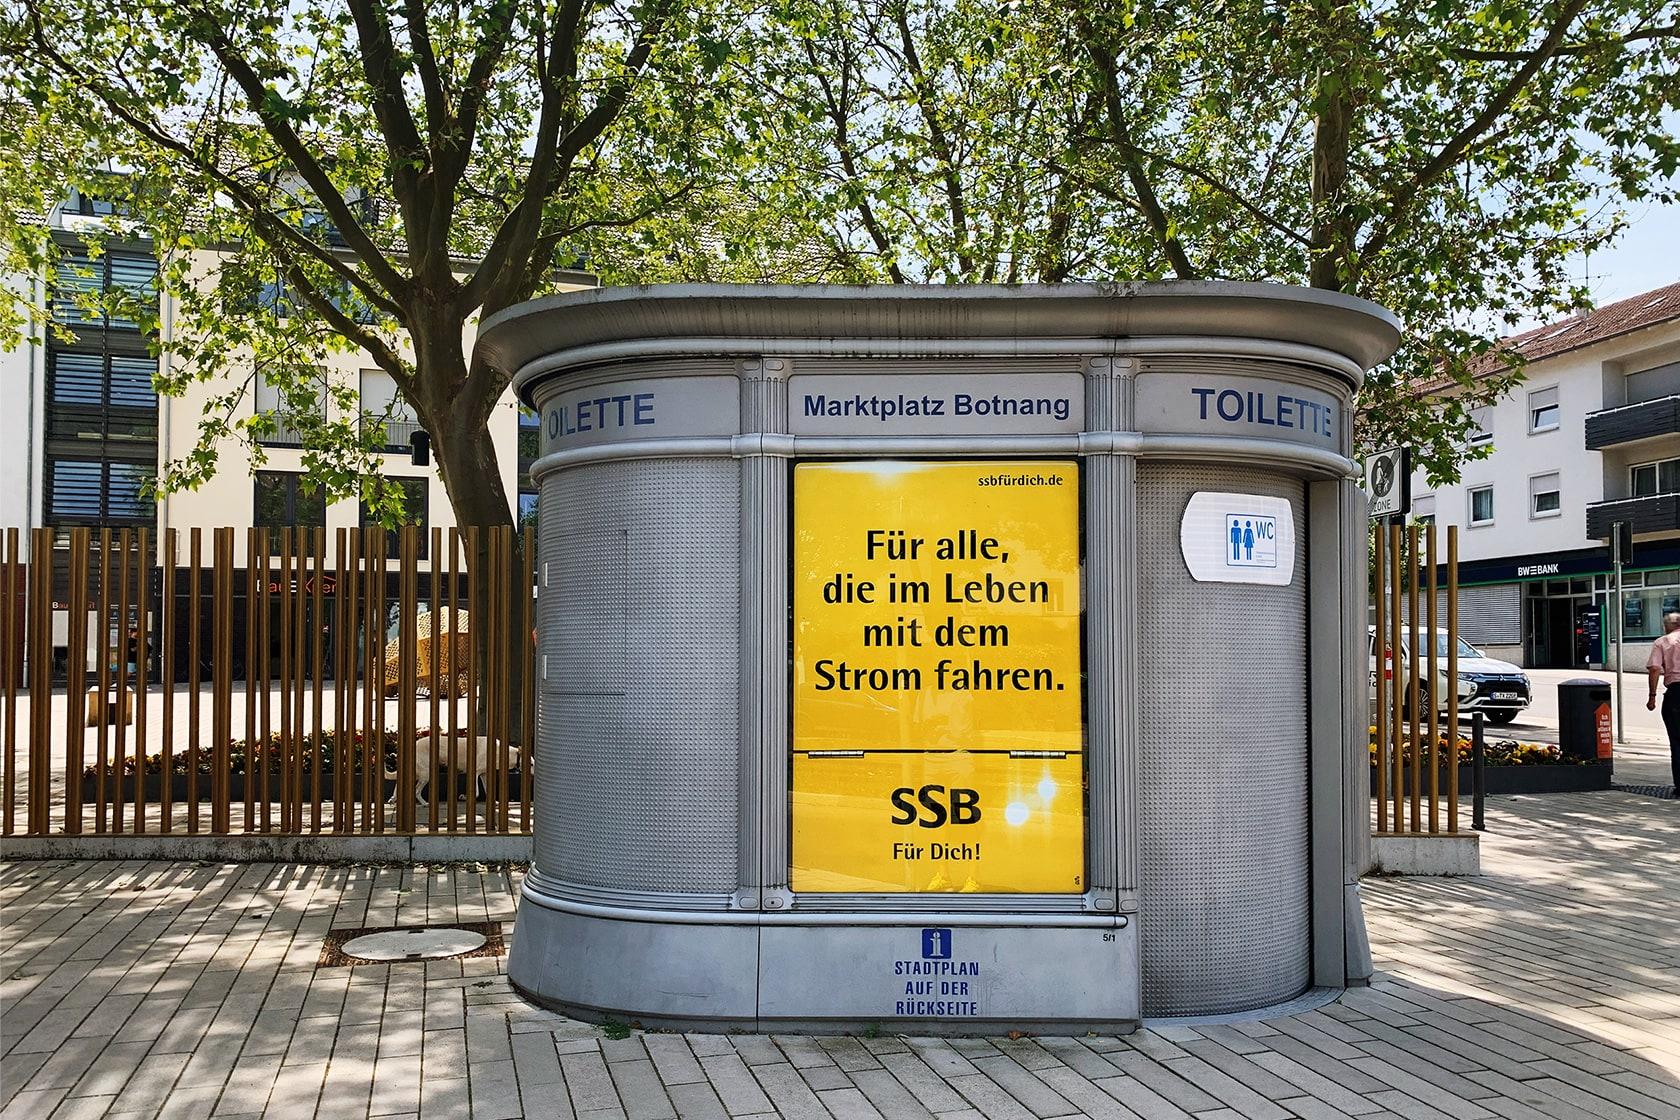 ssb-fuer-dich-02